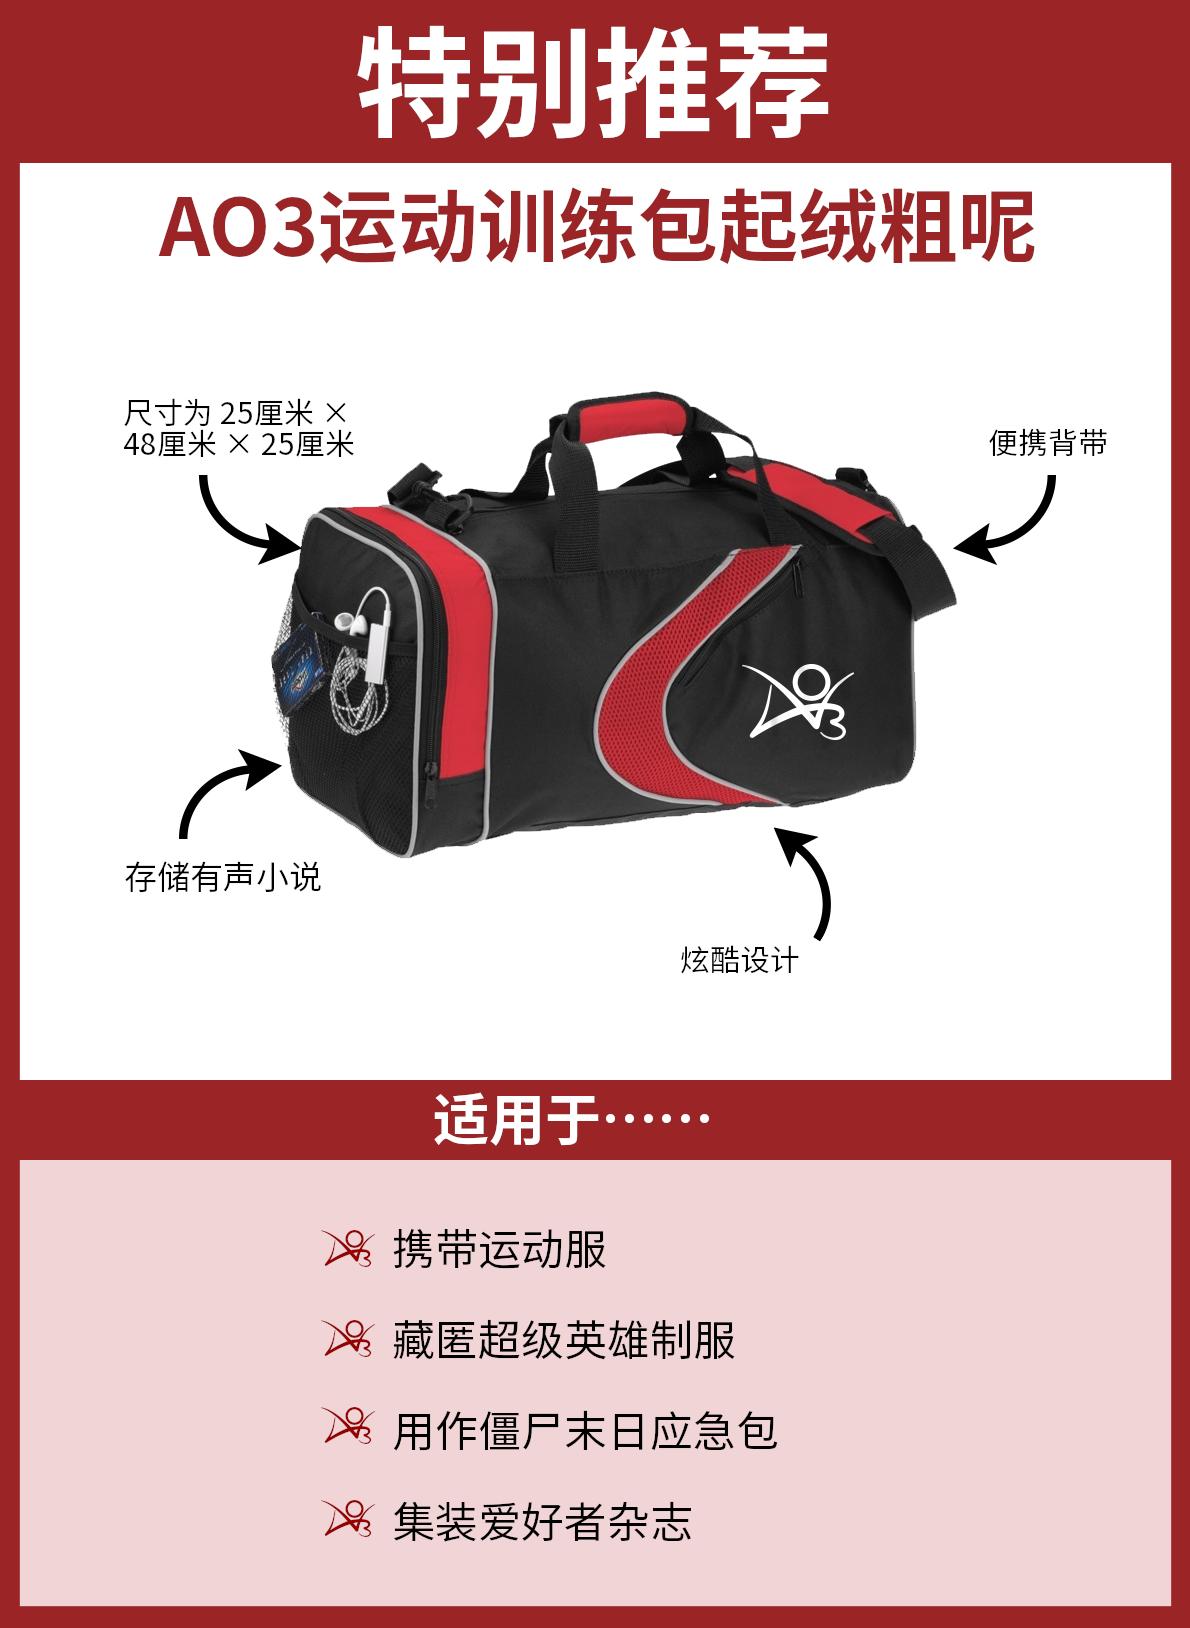 这就是AO3行李袋。袋子主题为黑色,搭配红色点缀,侧面印有一道红色的闪电图案以及白色AO3标志。袋子大小为25 x 48 x 25厘米。行李袋有一条肩带,非常便利,还有网状的侧兜,方便收纳有声读物的播放设备。不论是用来装健身房装备、藏匿您的超级英雄制服、做僵尸爆发时的逃生包、还是出门装上同人杂志,都非常完美。